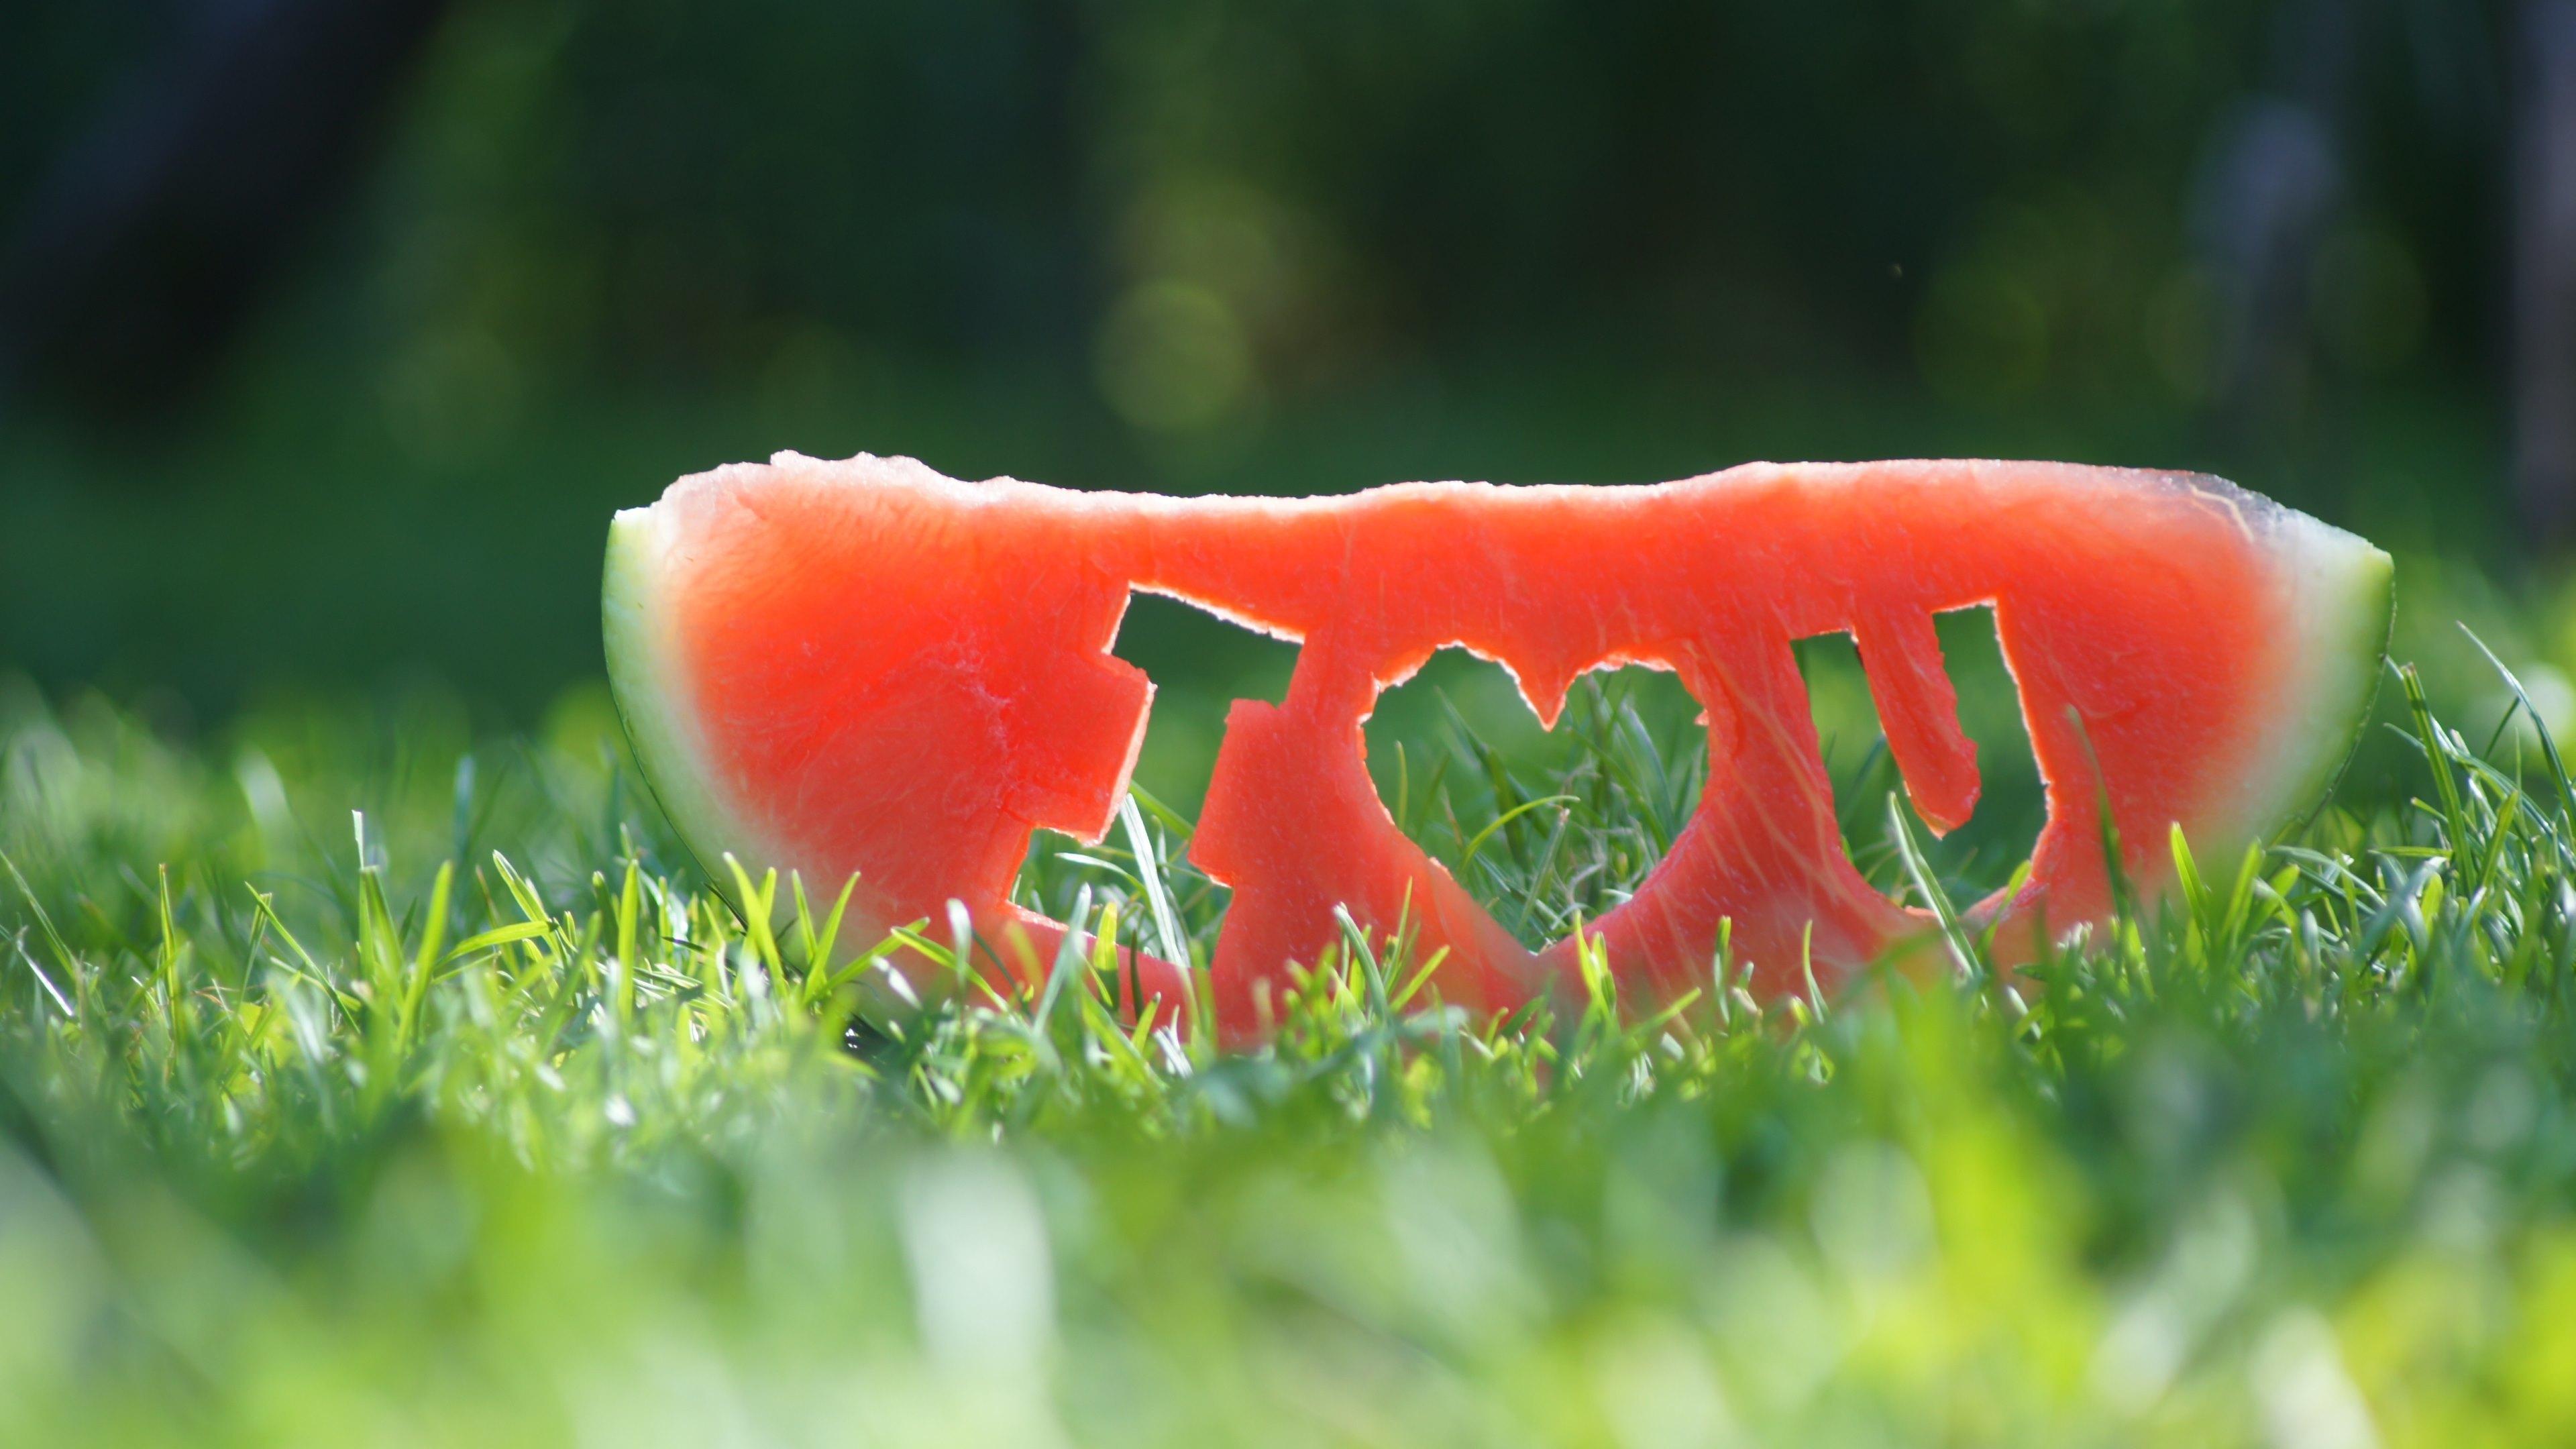 Love арбуз без регистрации